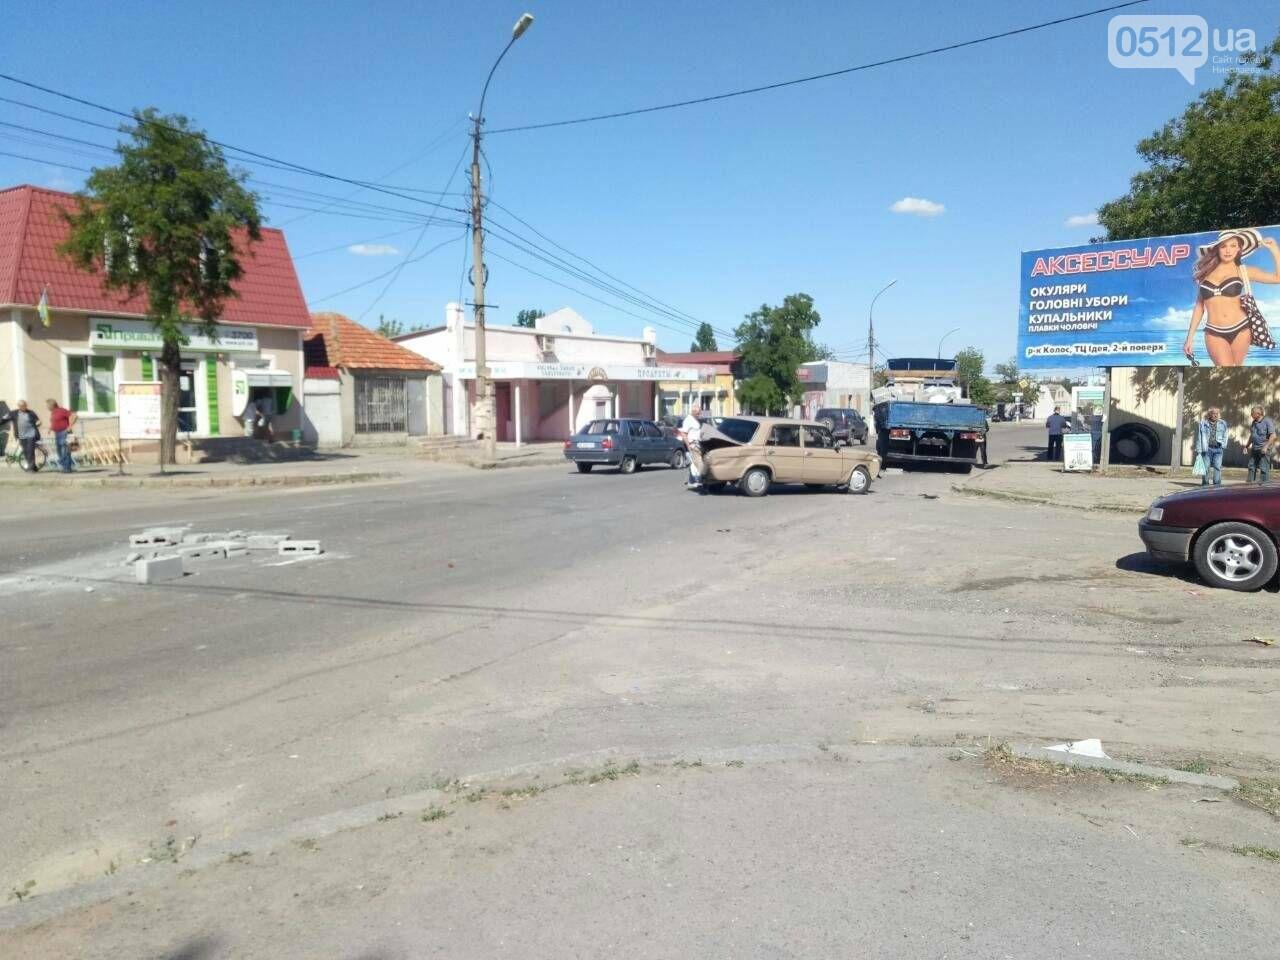 В Николаеве, после столкновения фуры и легковушки дорога усыпана камнями, - ФОТО, фото-3